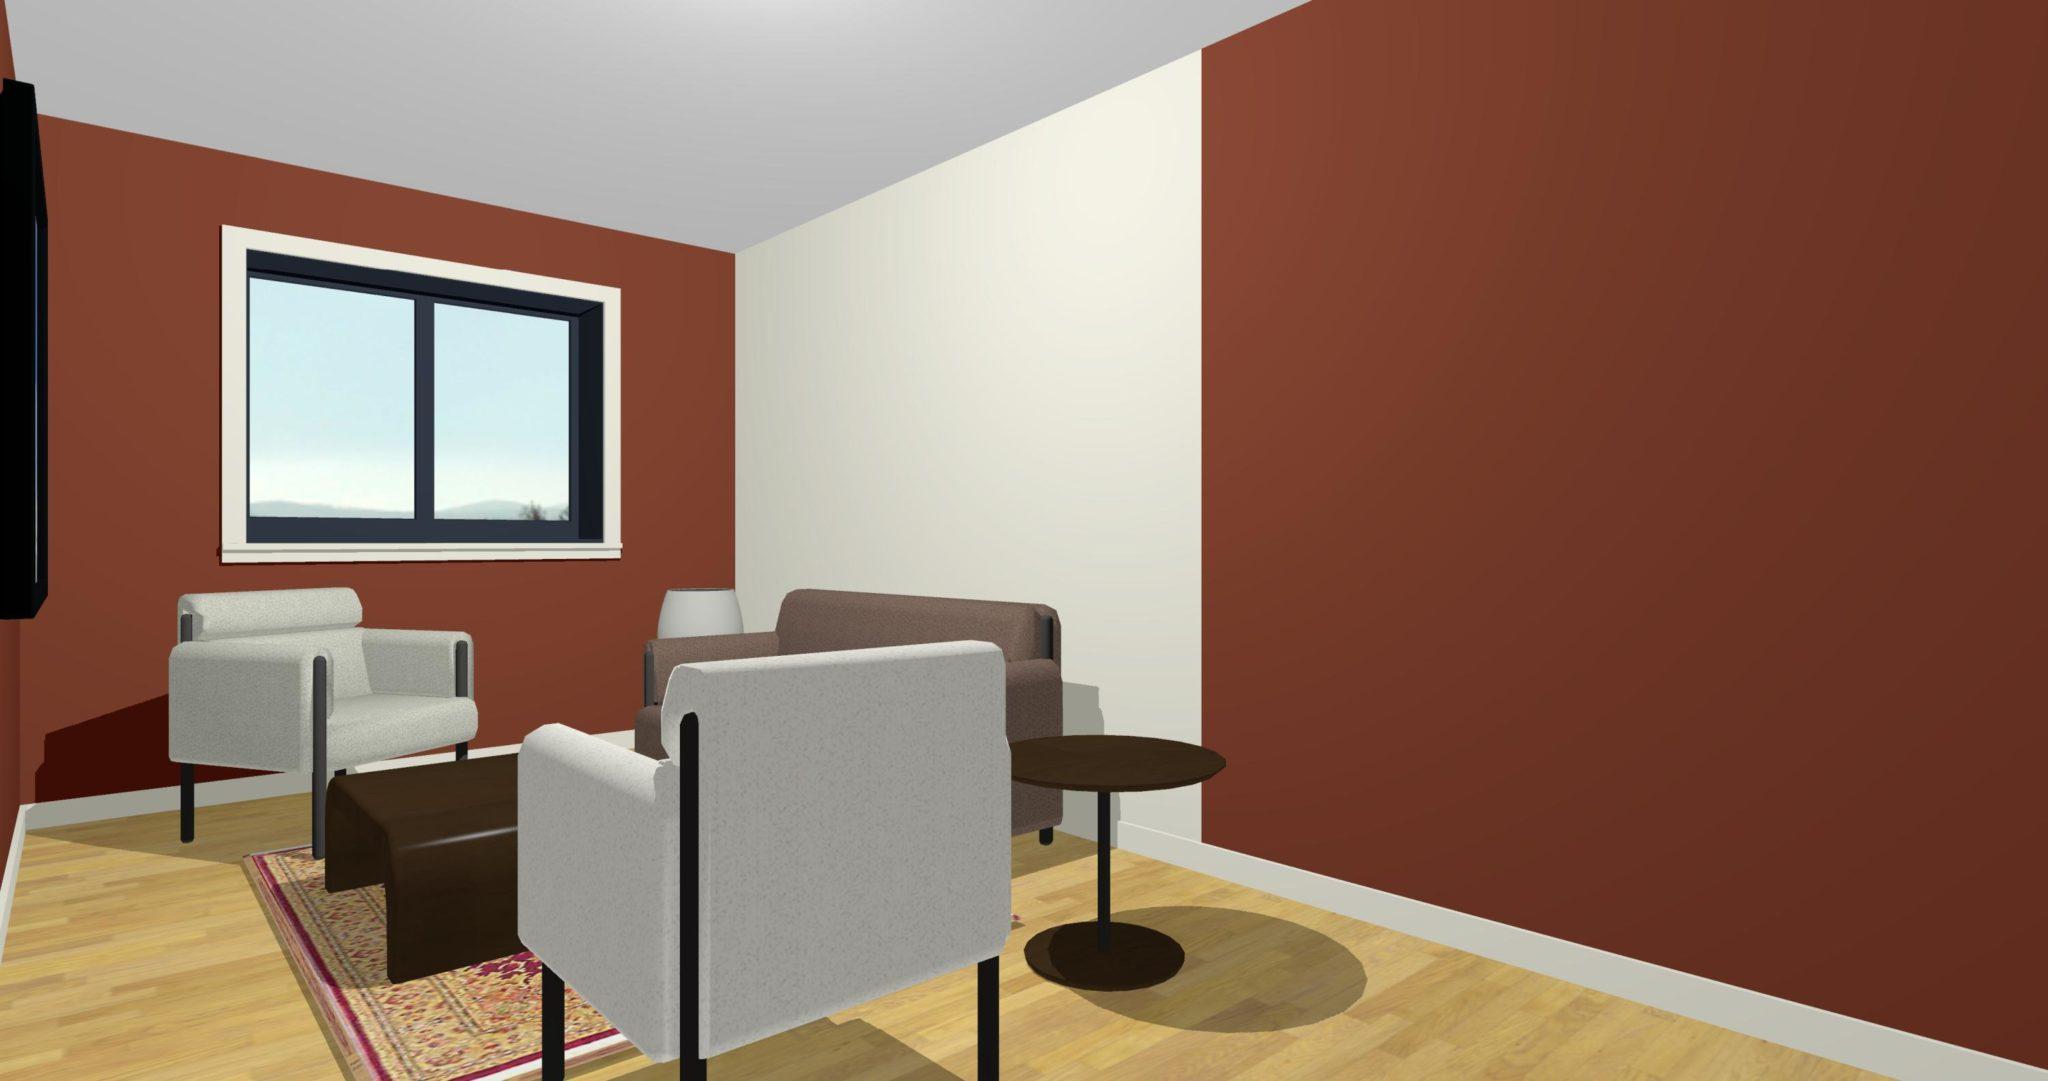 Cucina Soggiorno Stretta E Lunga arredare soggiorno lungo e stretto archivi - lineatre